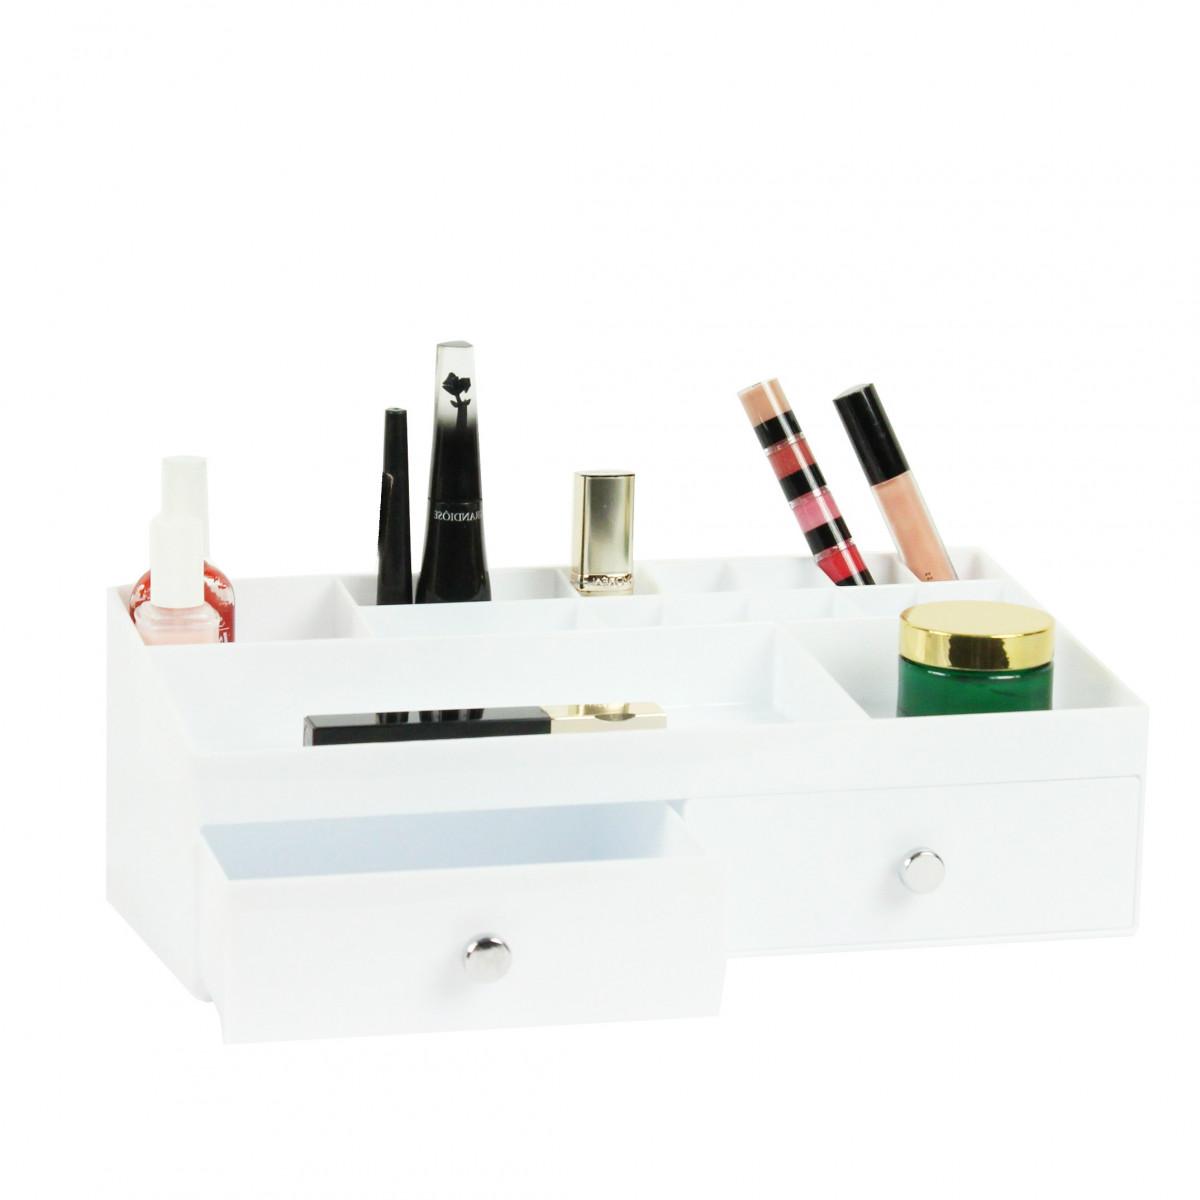 Boite De Rangement Blanche Pour Maquillage Avec Tiroirs Et Compartiments On Range Tout